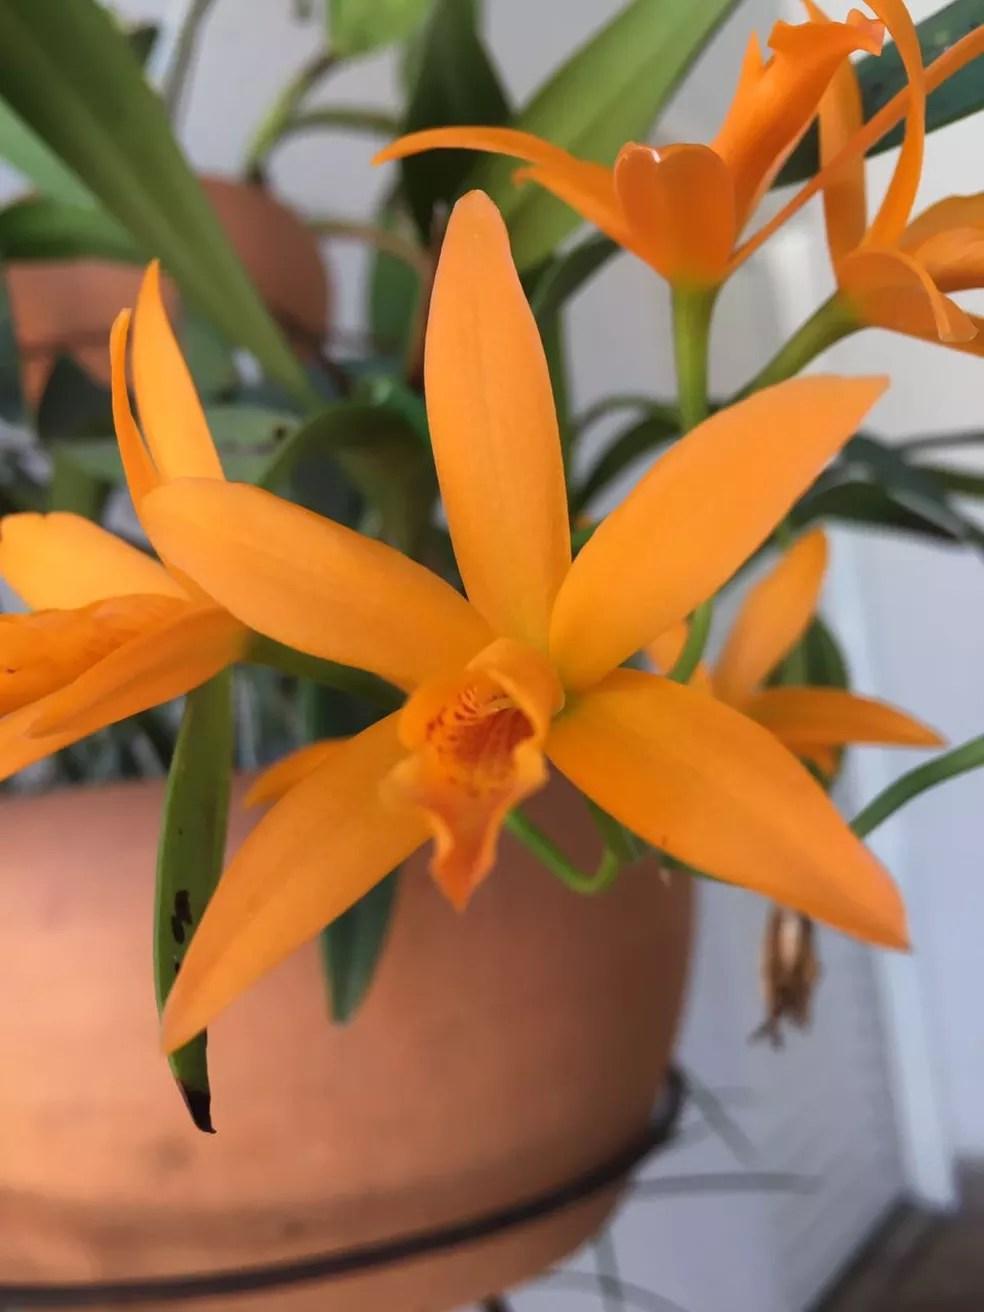 Juliana Arrantes, do Bairro Jardim Patrícia, em Uberlândia também mostrou as orquídeas dela. (Foto: Juliana Arantes da Silva/Arquivo Pessoal.)